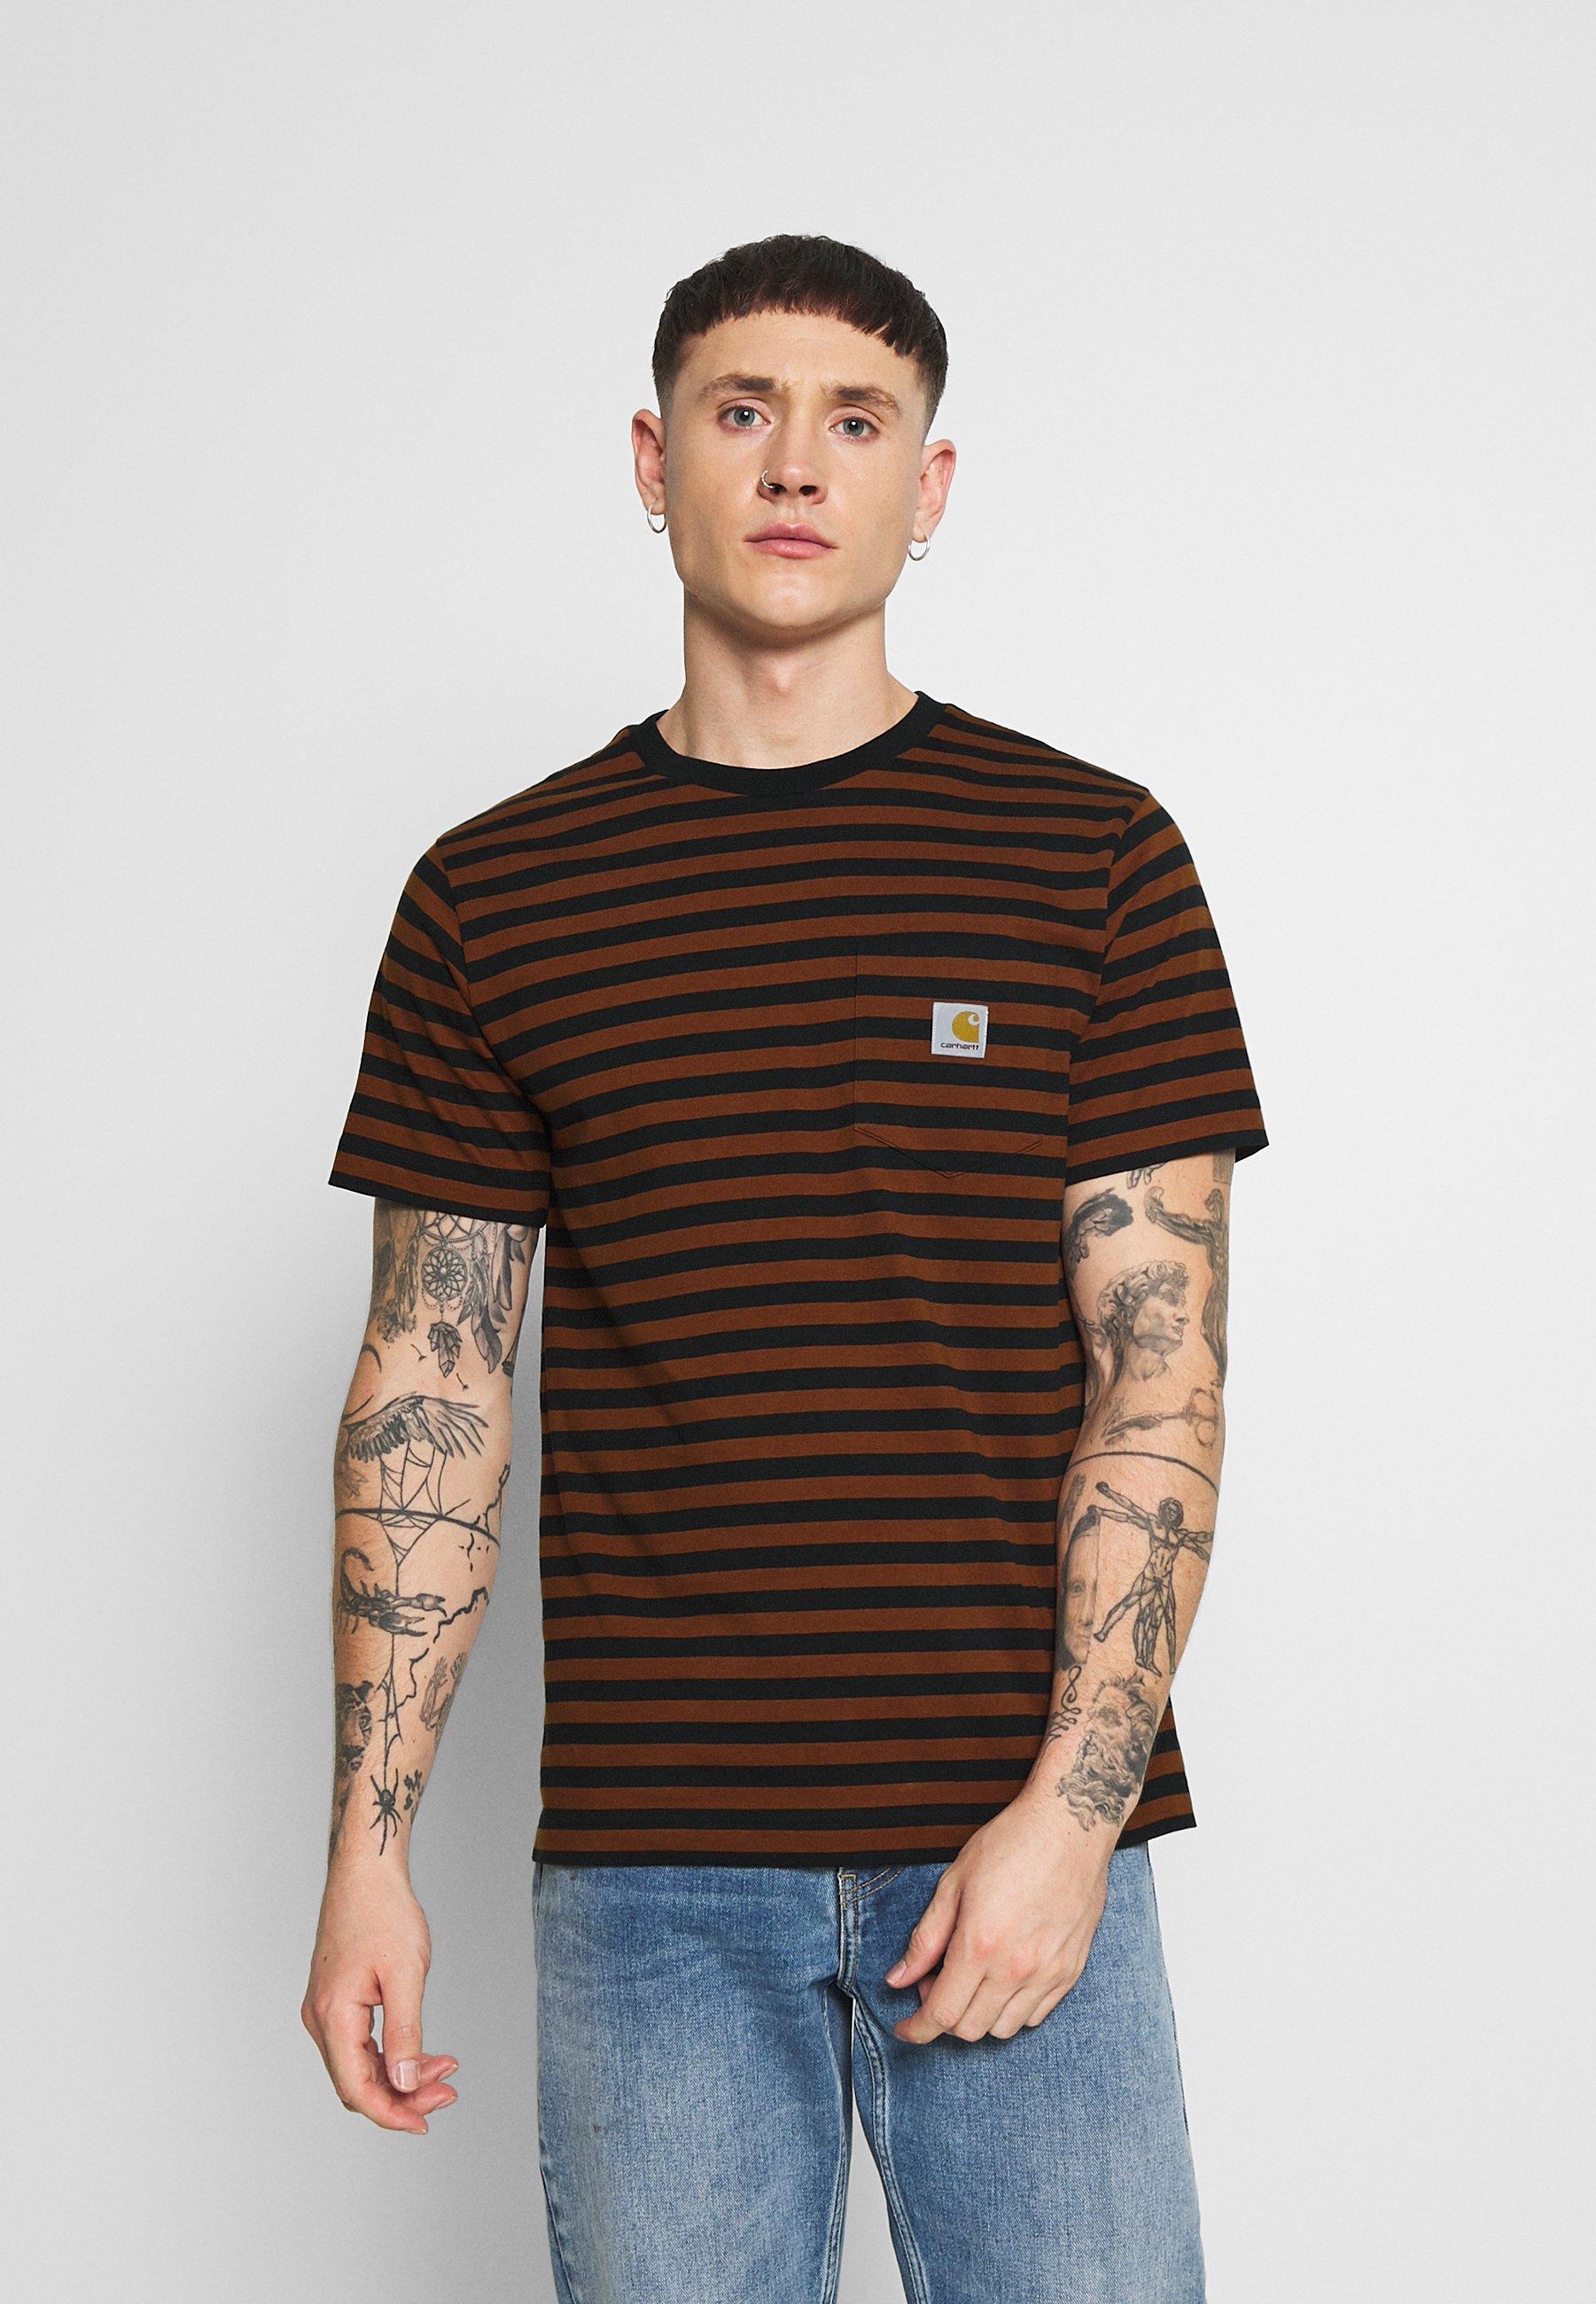 Affordable Men's Clothing Carhartt WIP PARKER POCKET Print T-shirt black/brandy rbKytHgEC